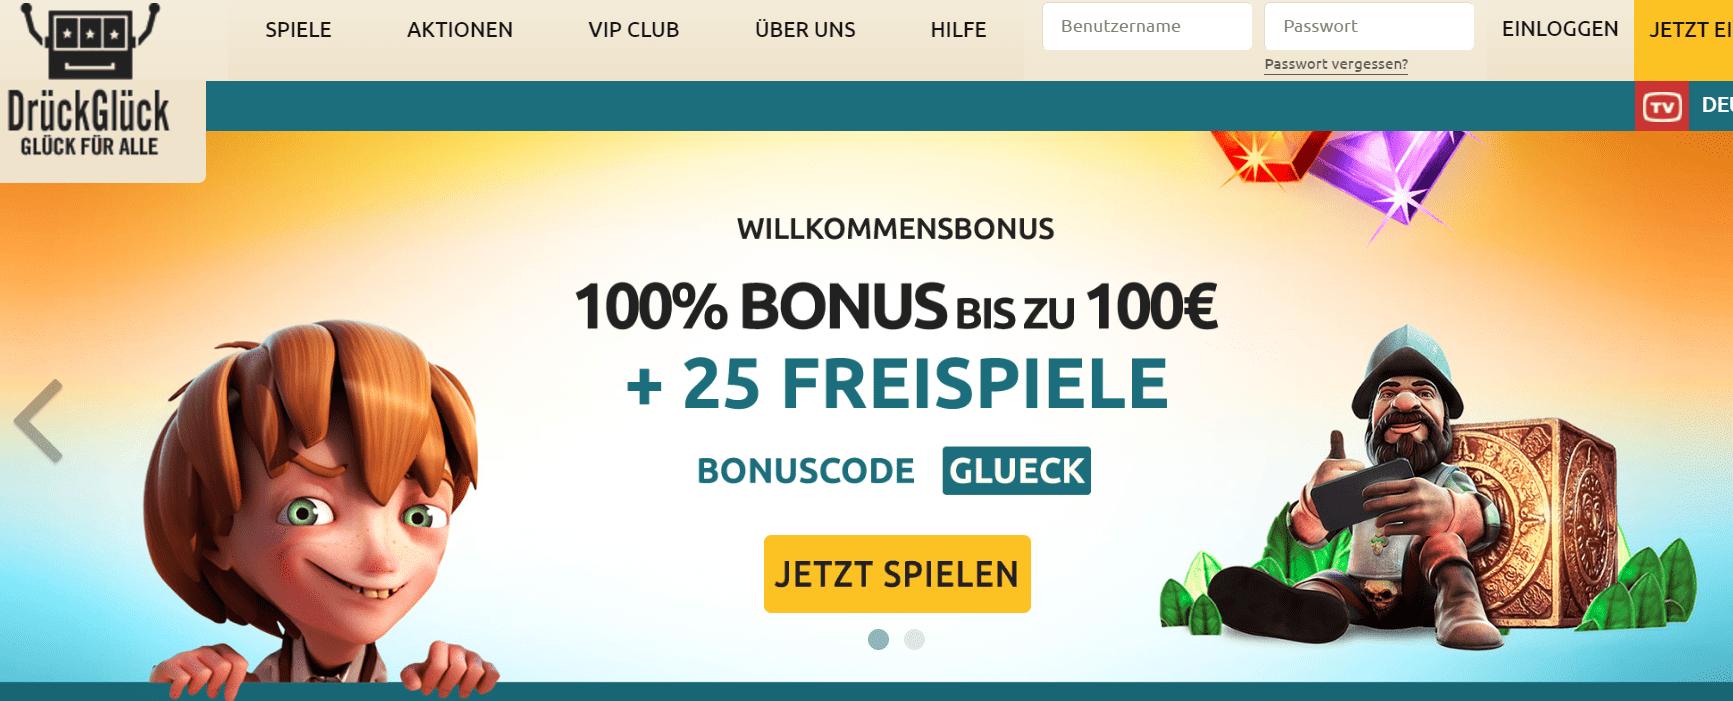 casino bonuscodes